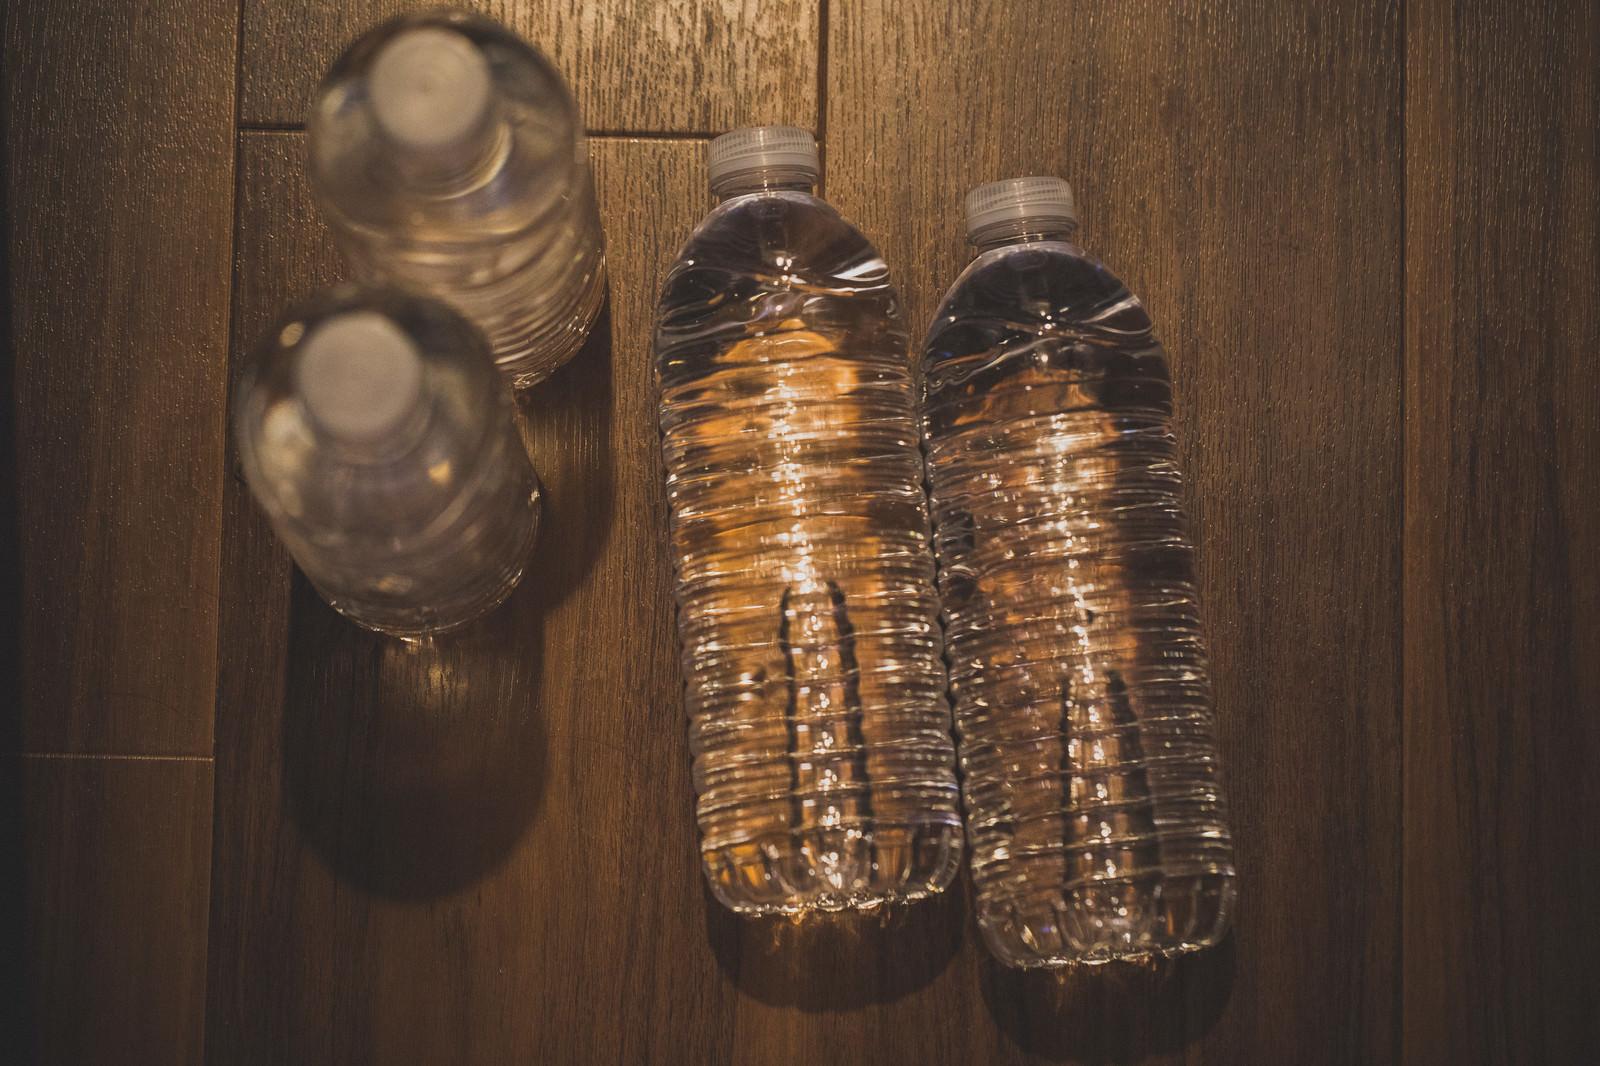 「床に置かれた水のペットボトル | 写真の無料素材・フリー素材 - ぱくたそ」の写真